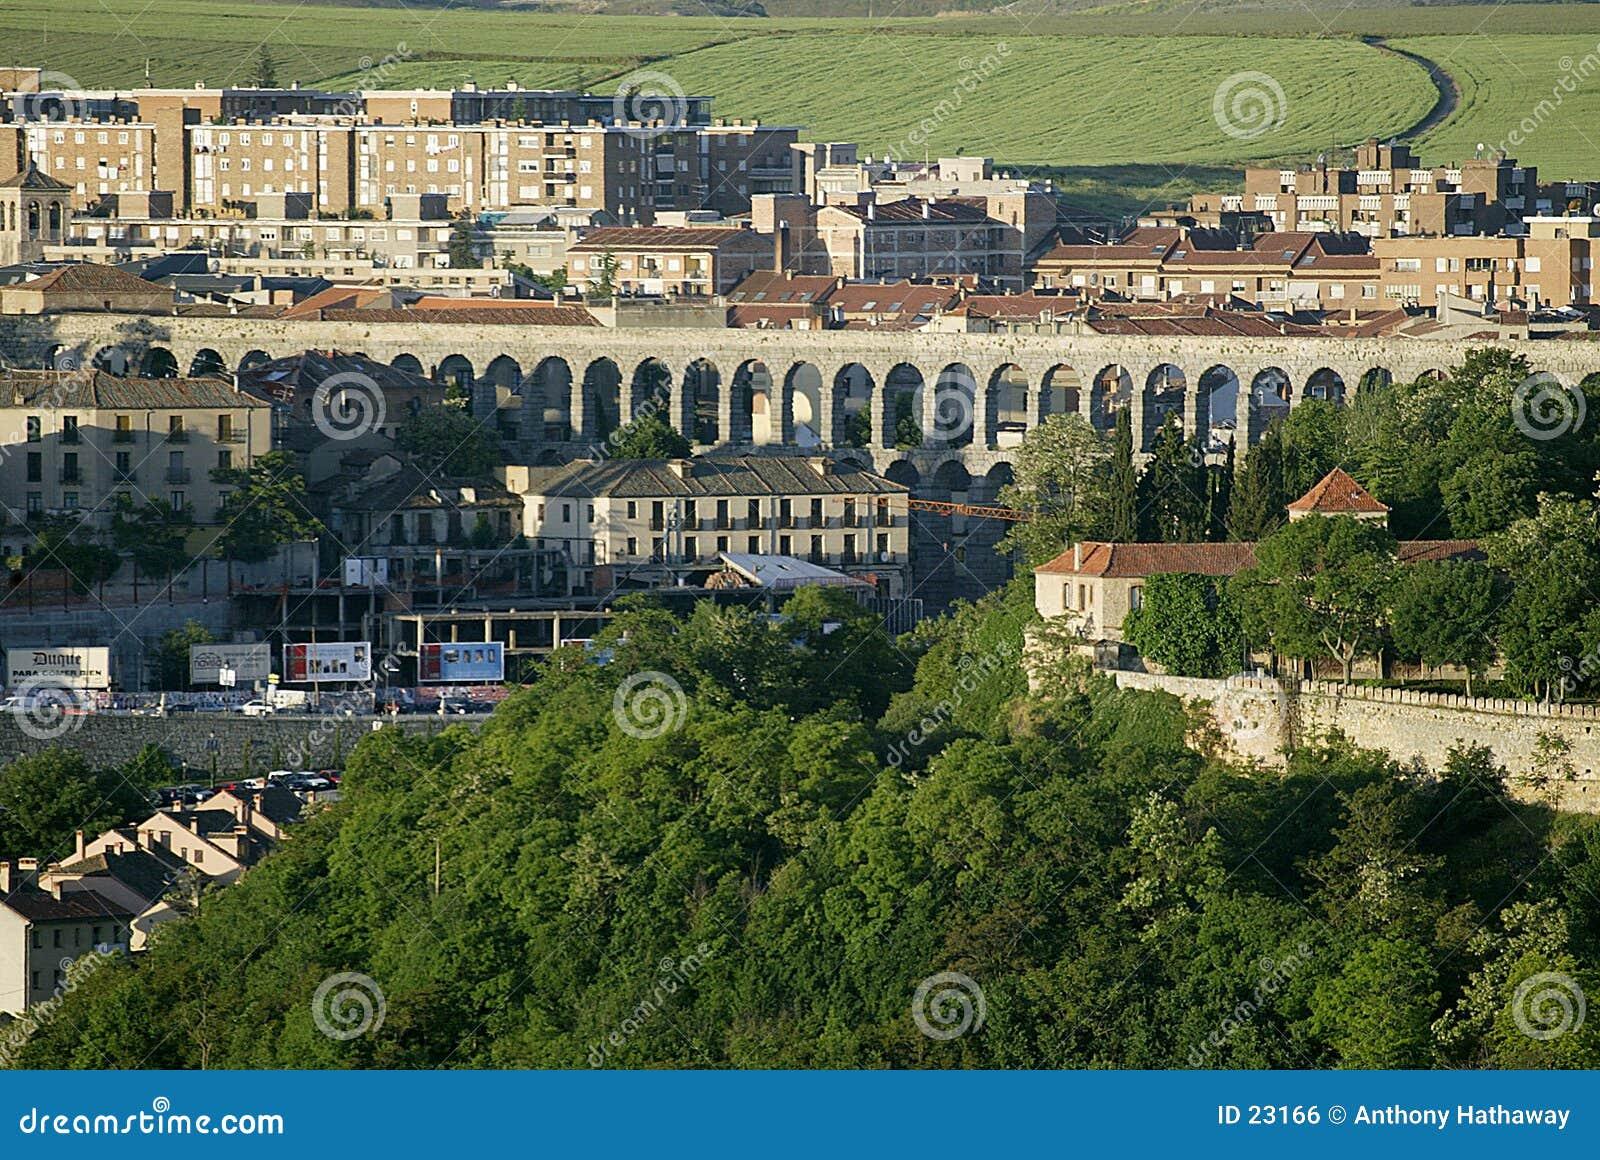 Aqueduto em Segovia, Spain